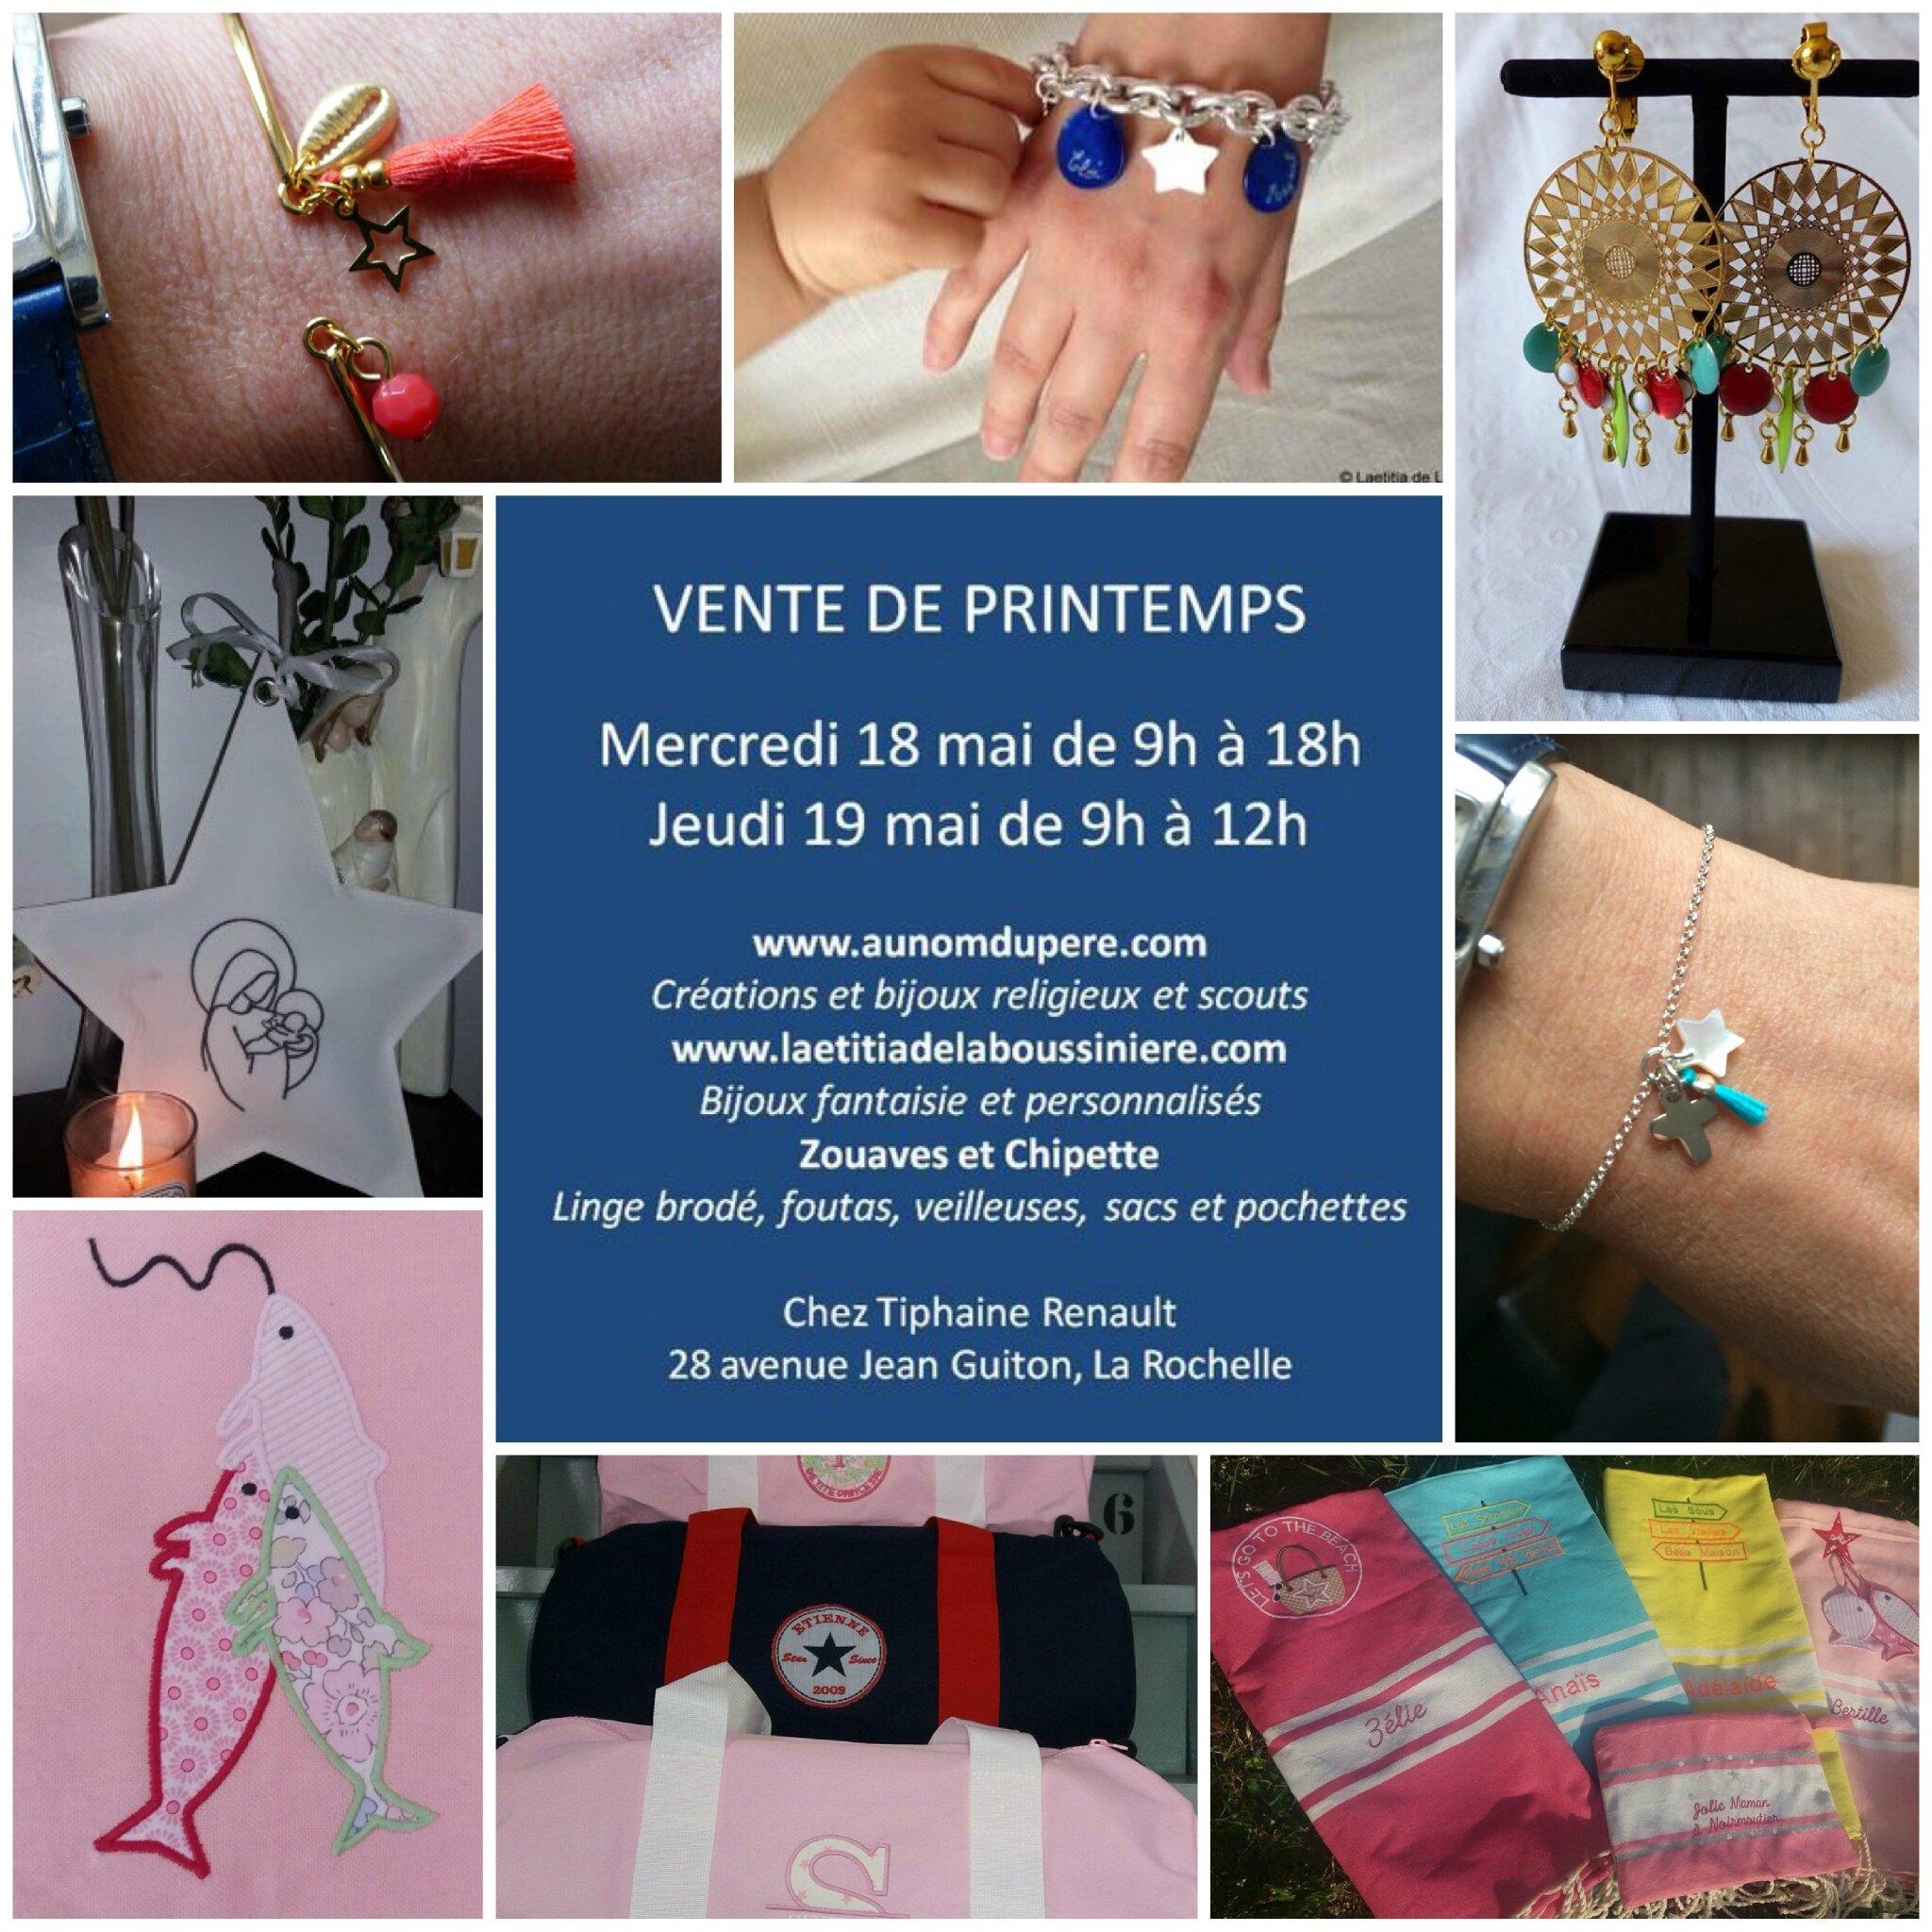 Invitation pour la vente à La Rochelle